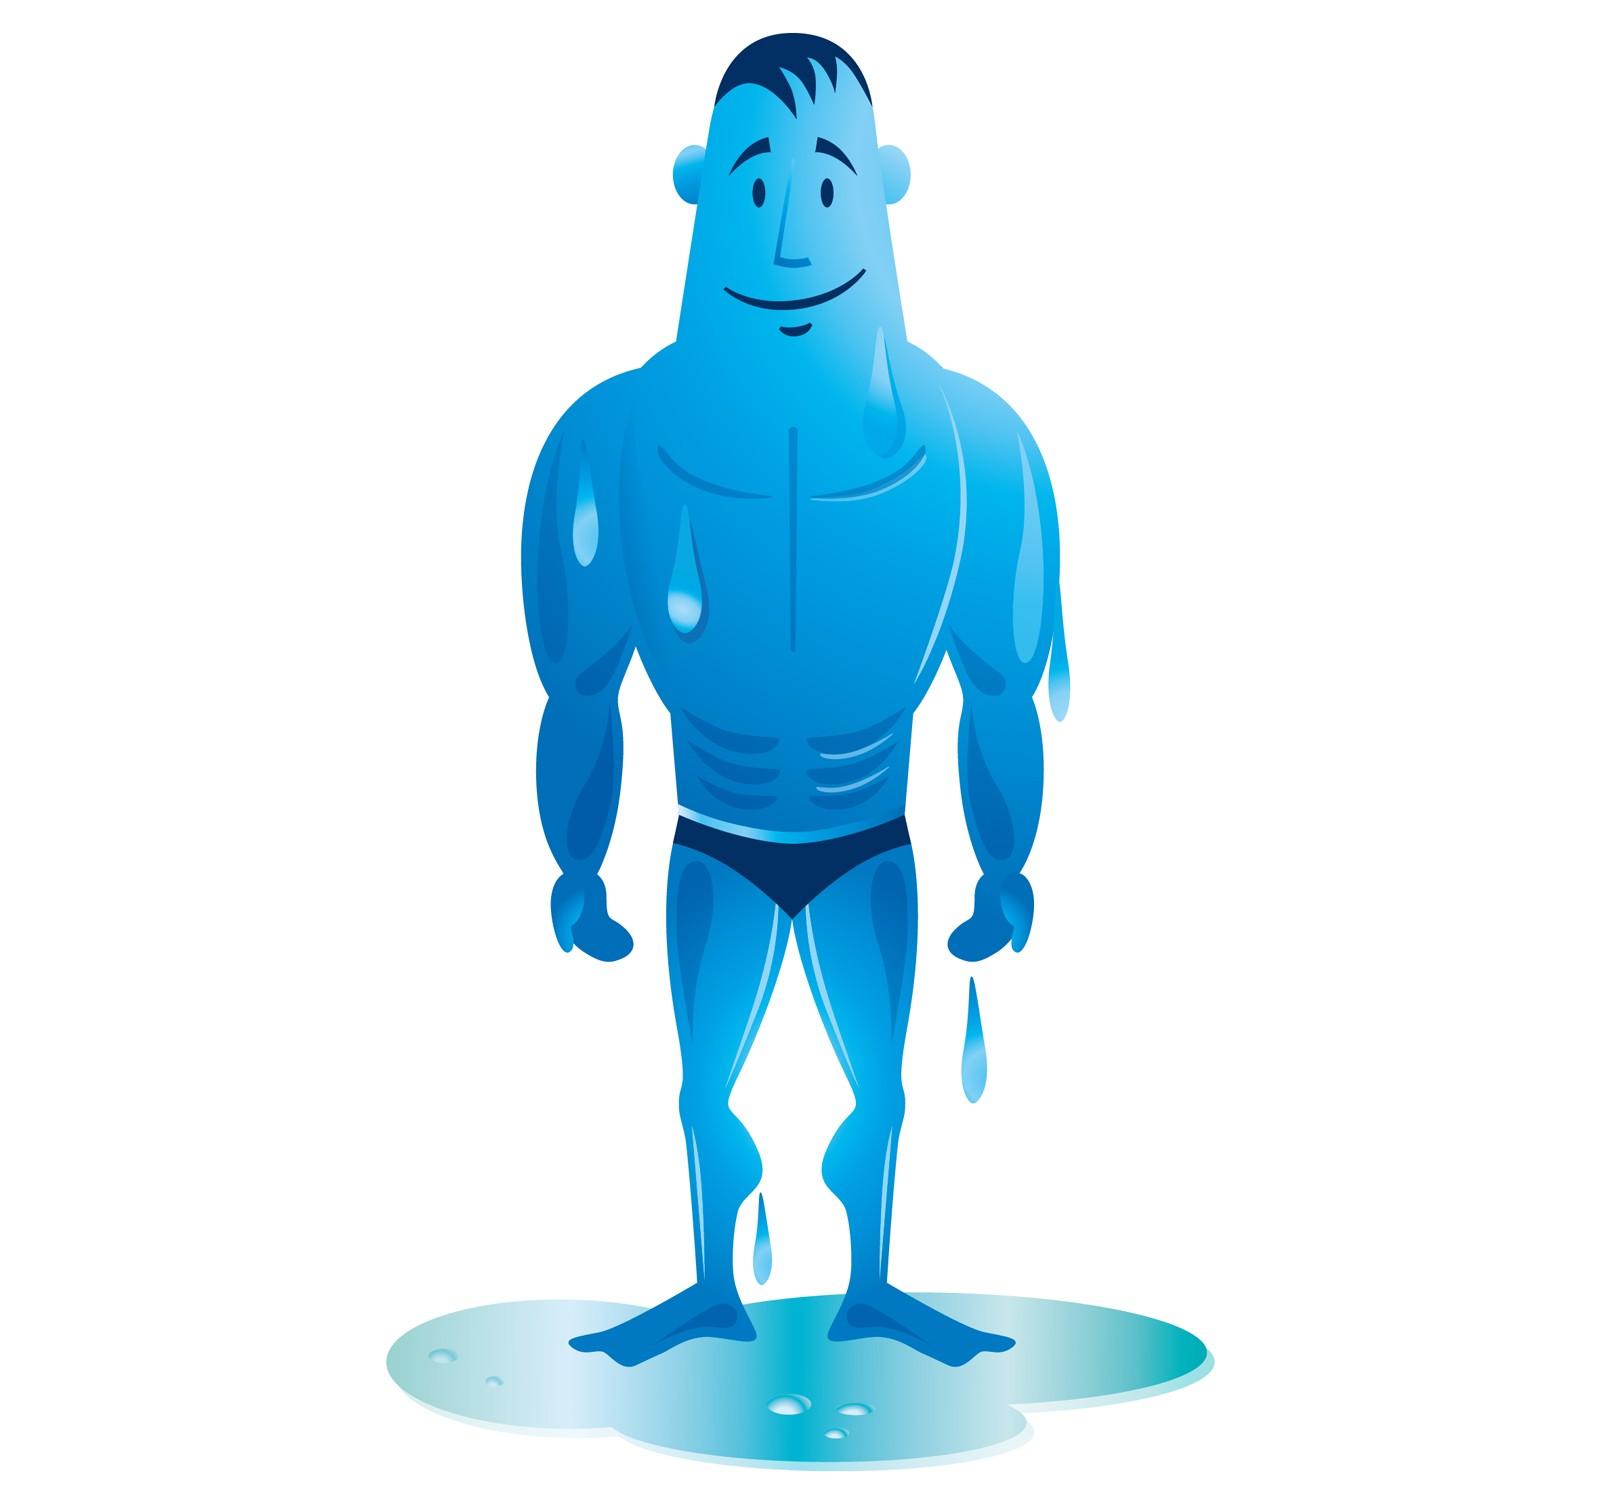 Hoogheemraadschap_Aqua_man